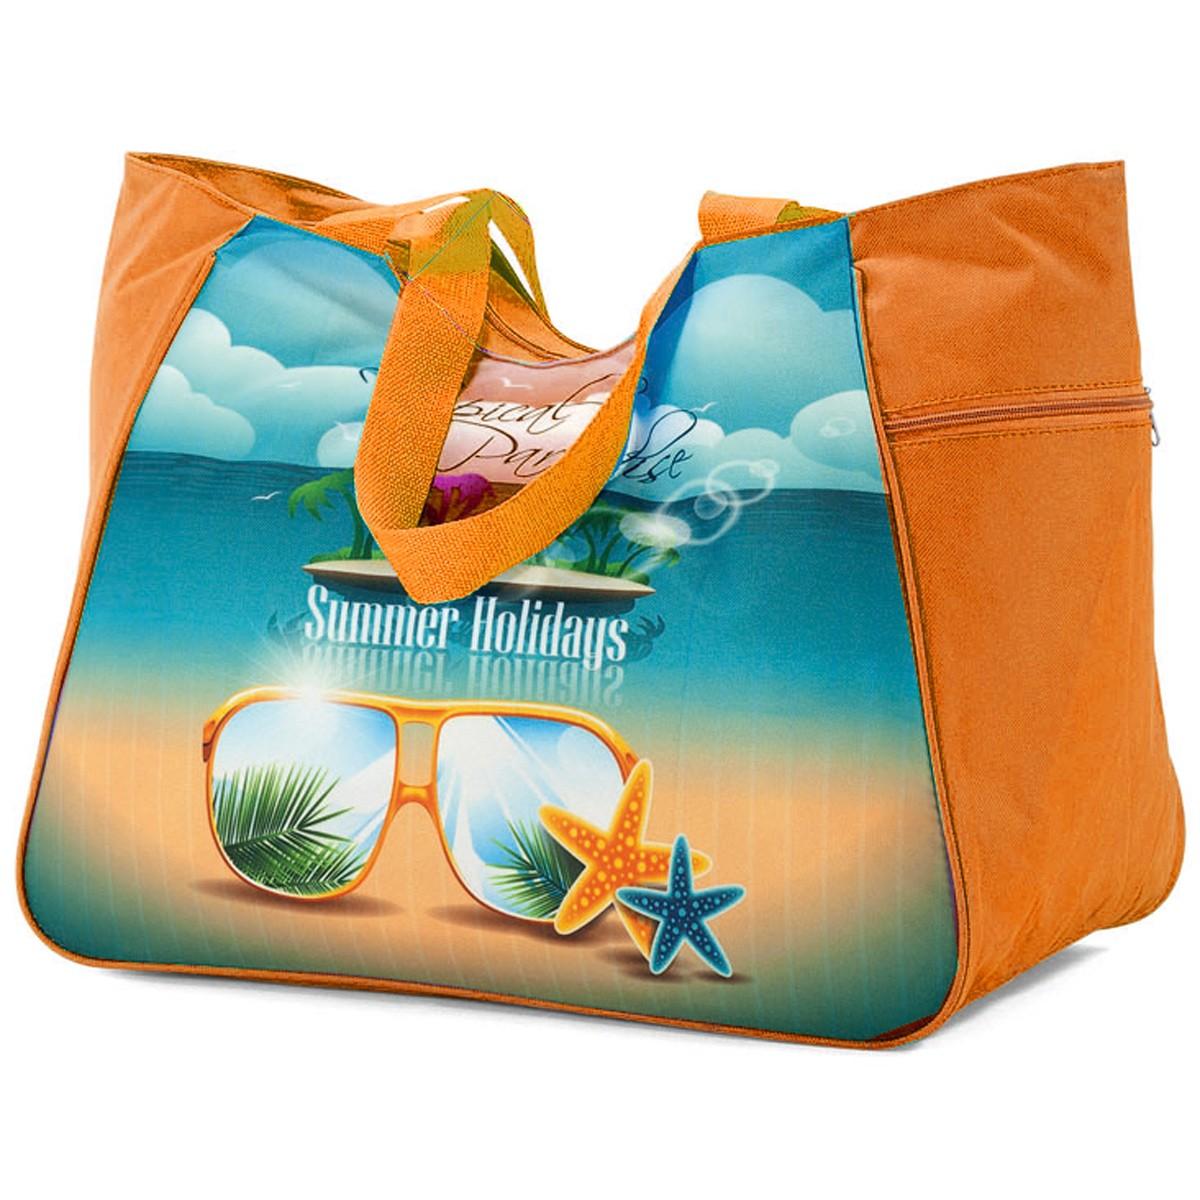 Τσάντα Παραλίας Benzi 4862 Orange home   θαλάσσης   τσάντες παραλίας